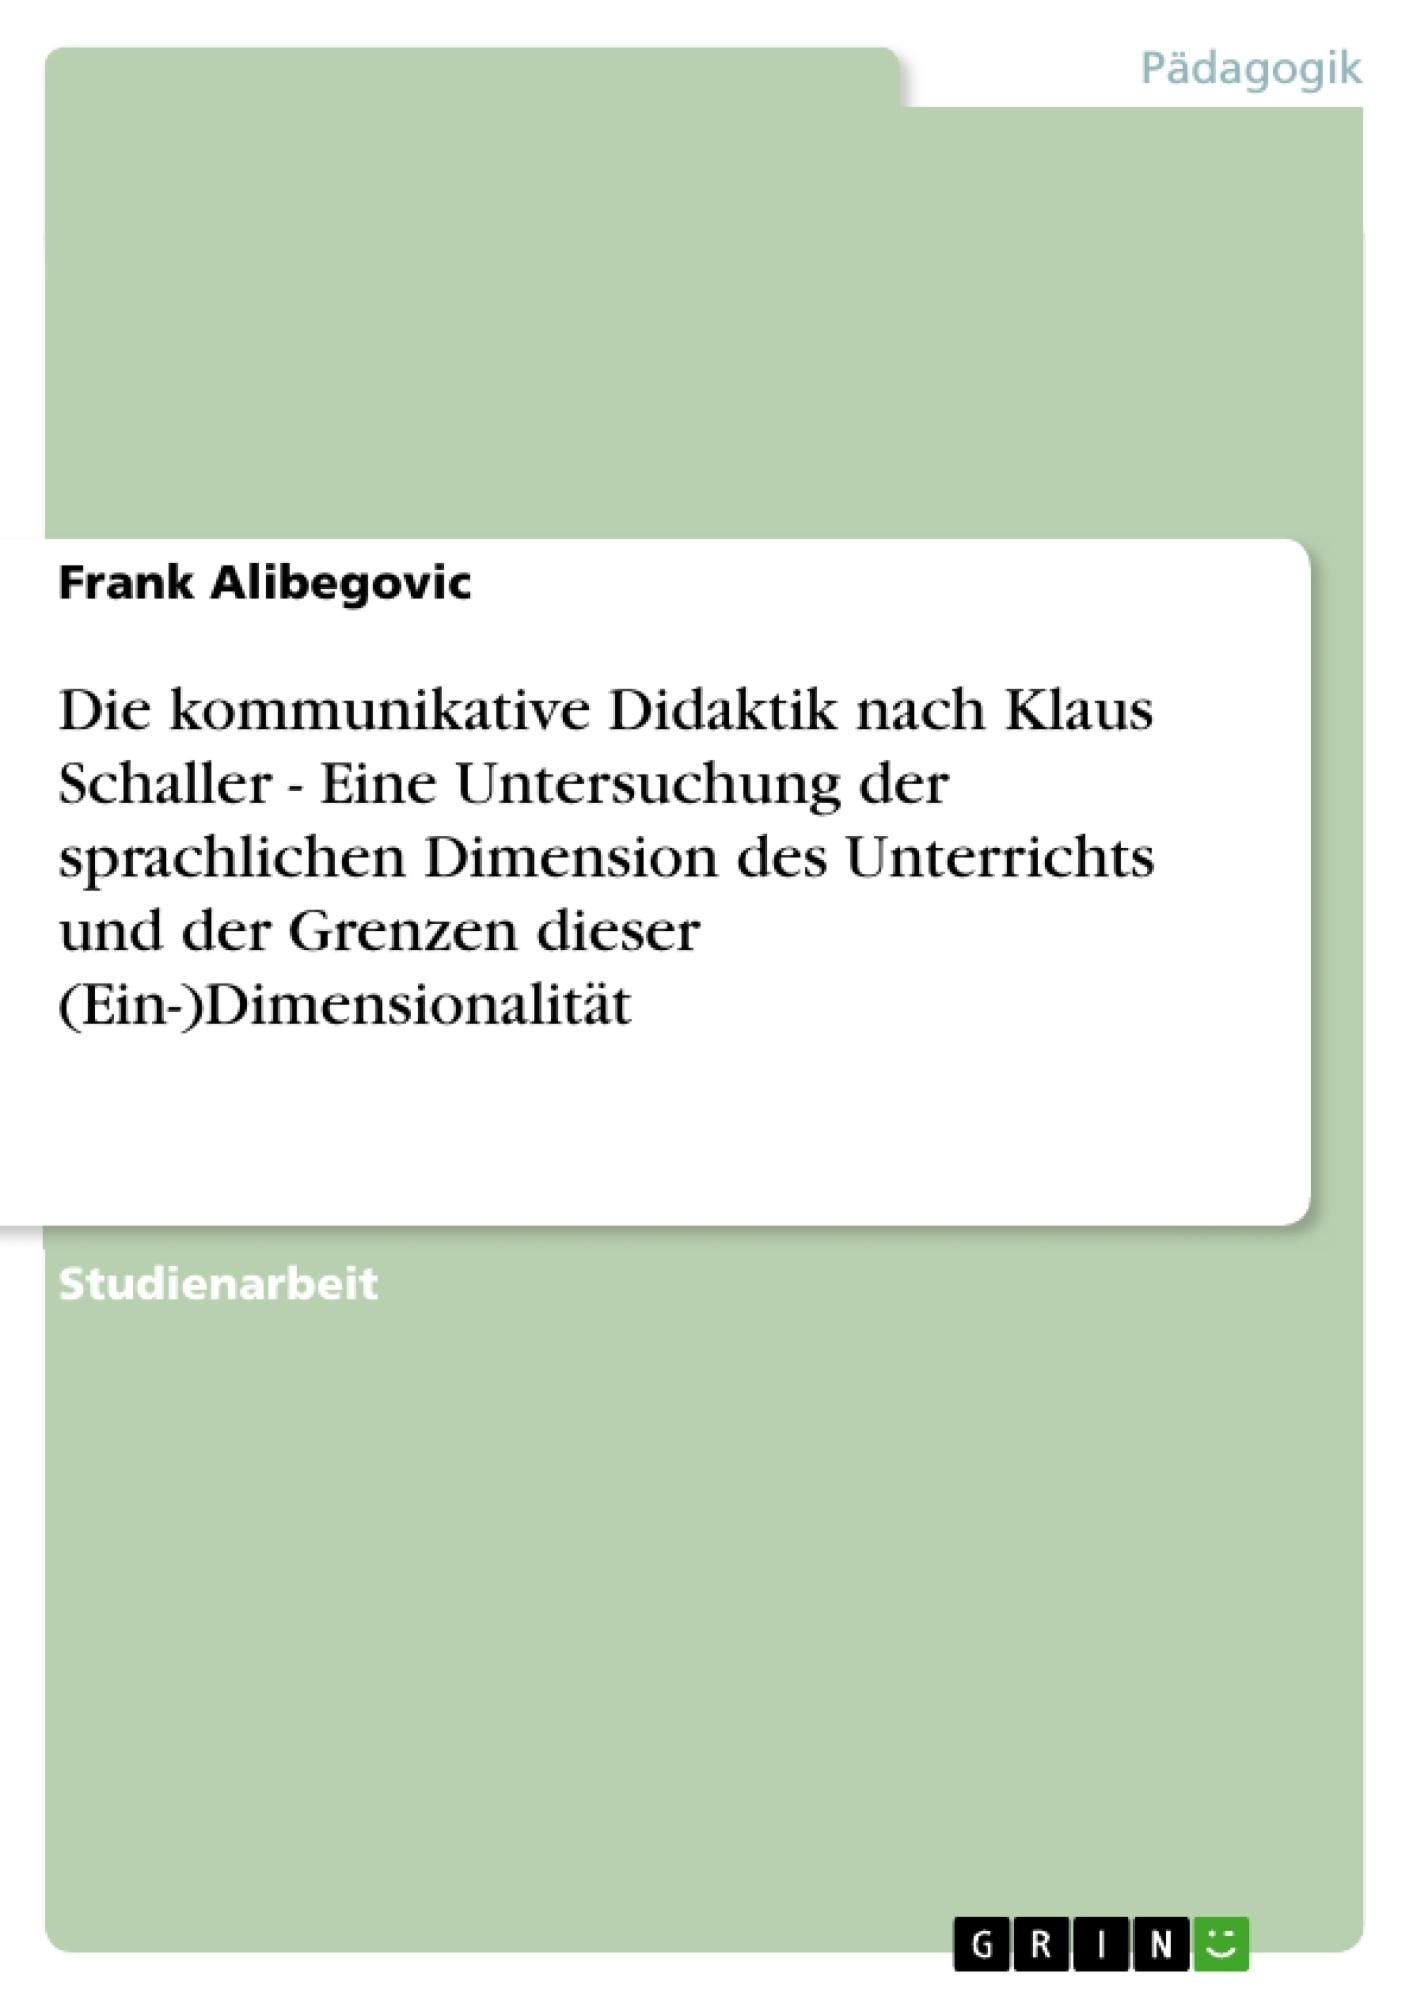 Titel: Die kommunikative Didaktik nach Klaus Schaller - Eine Untersuchung der sprachlichen Dimension des Unterrichts und der Grenzen dieser (Ein-)Dimensionalität